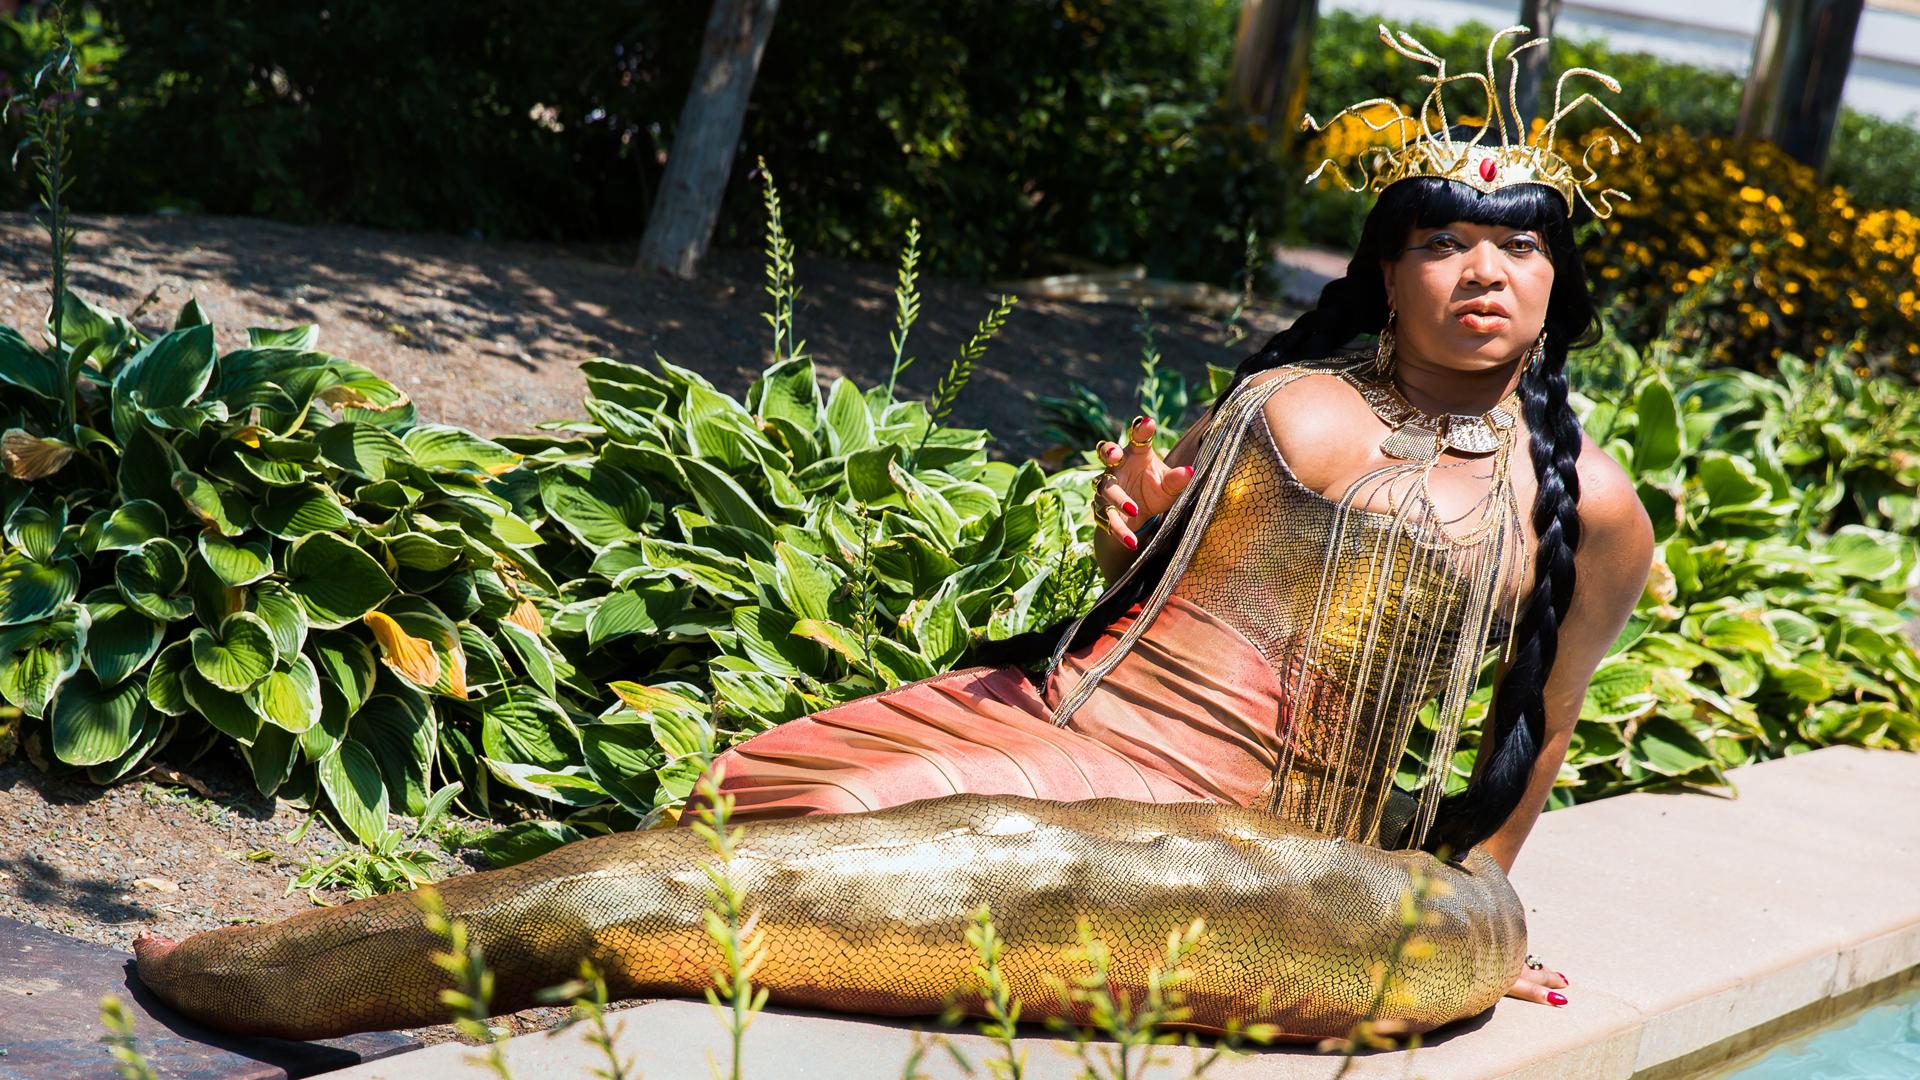 GeishaVi Cleopatra Gorgon Queen cosplay